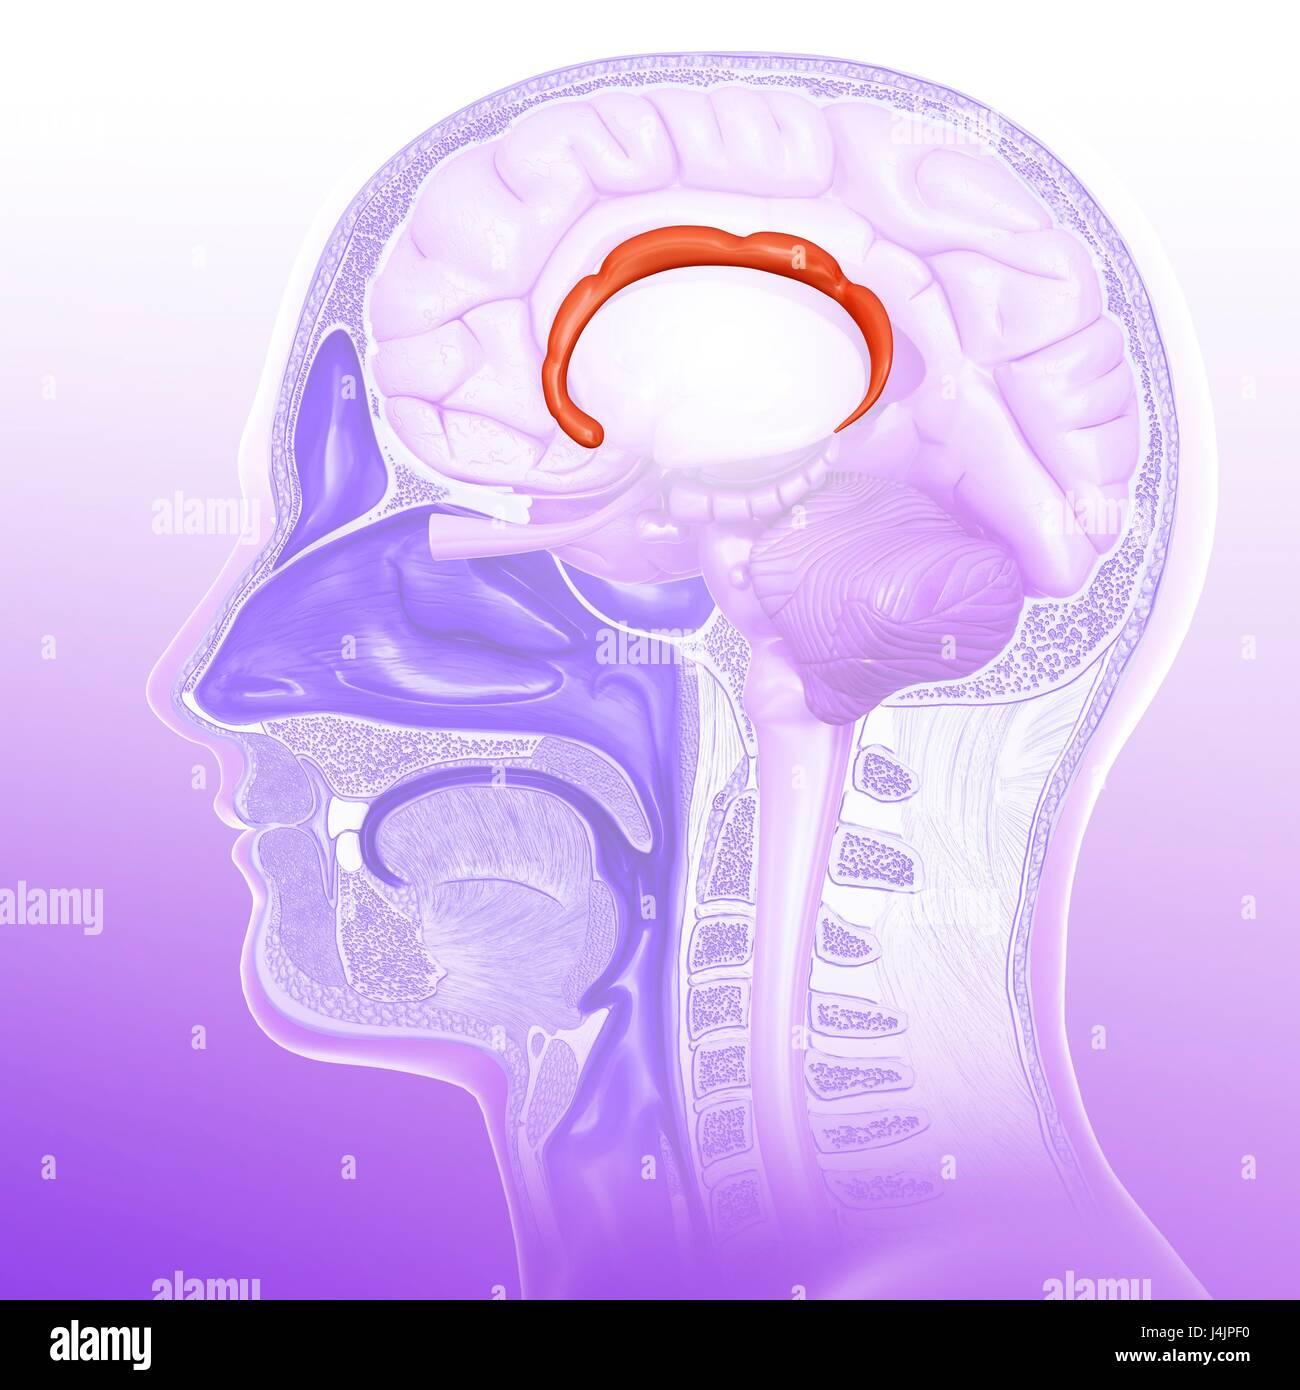 Ilustración de la corteza cingulada girus (flecha) del cerebro humano. Imagen De Stock